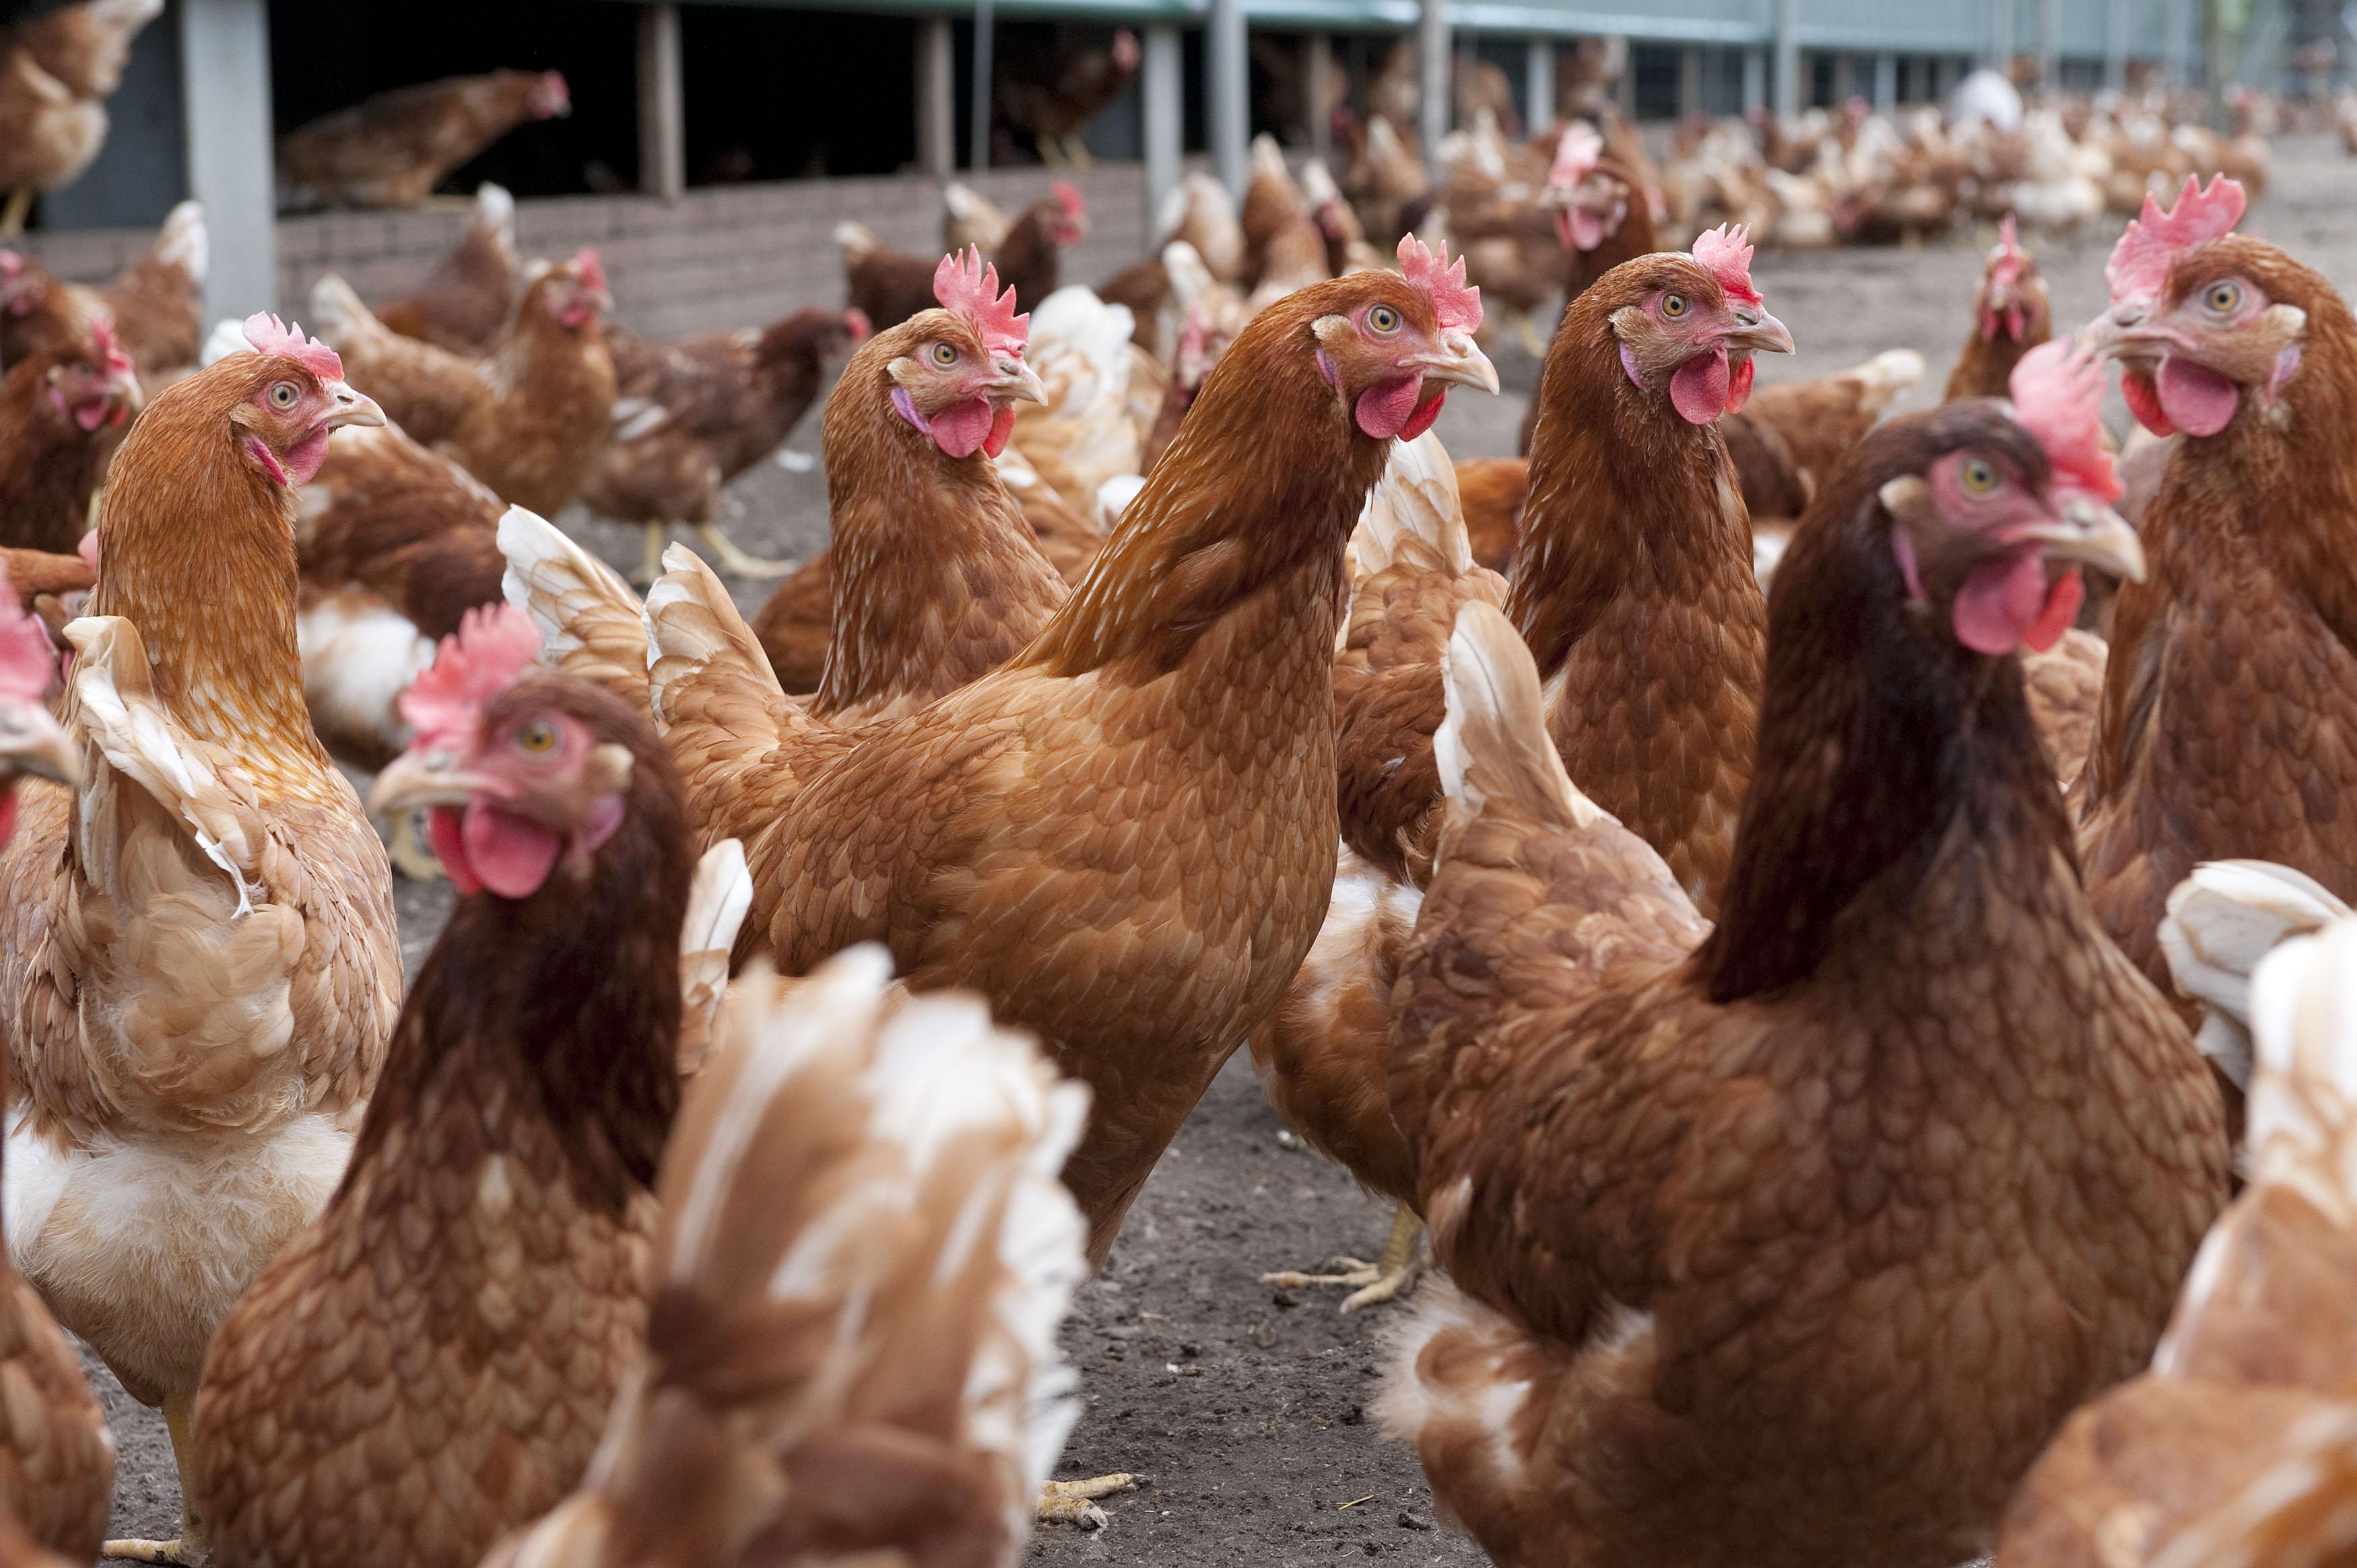 Waarschuwing om besmette eieren niet te eten; check hier de codes